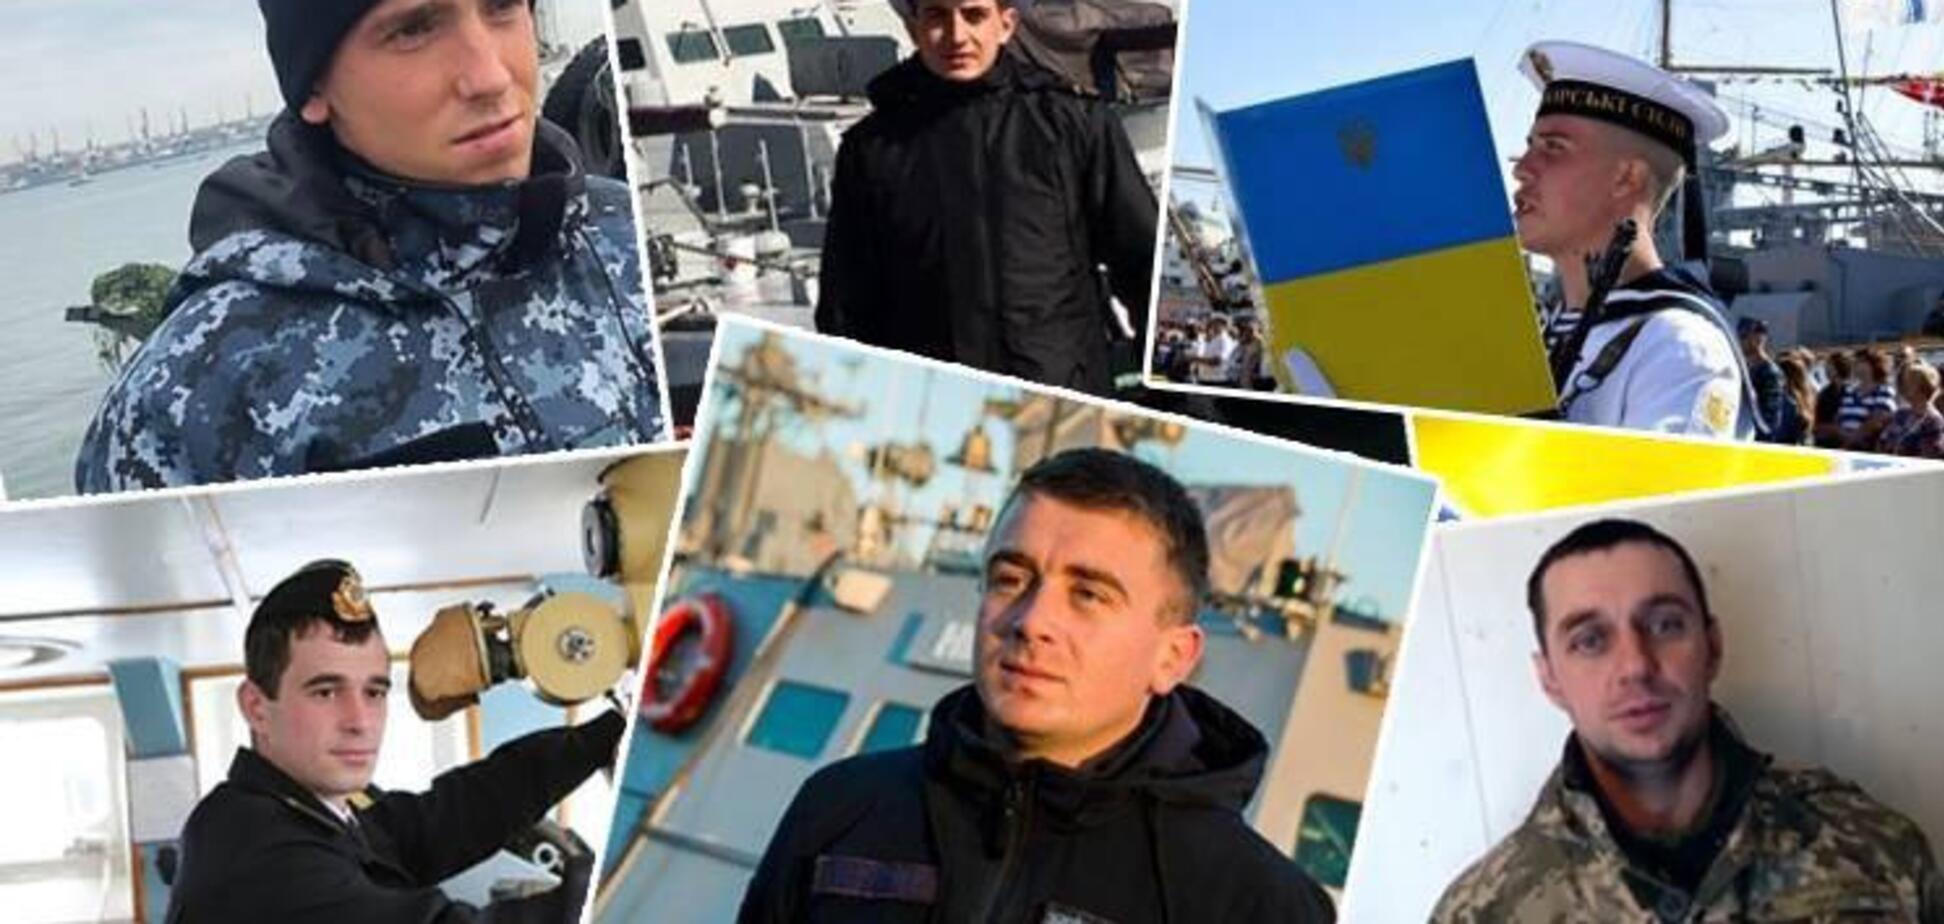 Вивезли з Криму? З'явилася суперечлива інформація про захоплених українських моряків